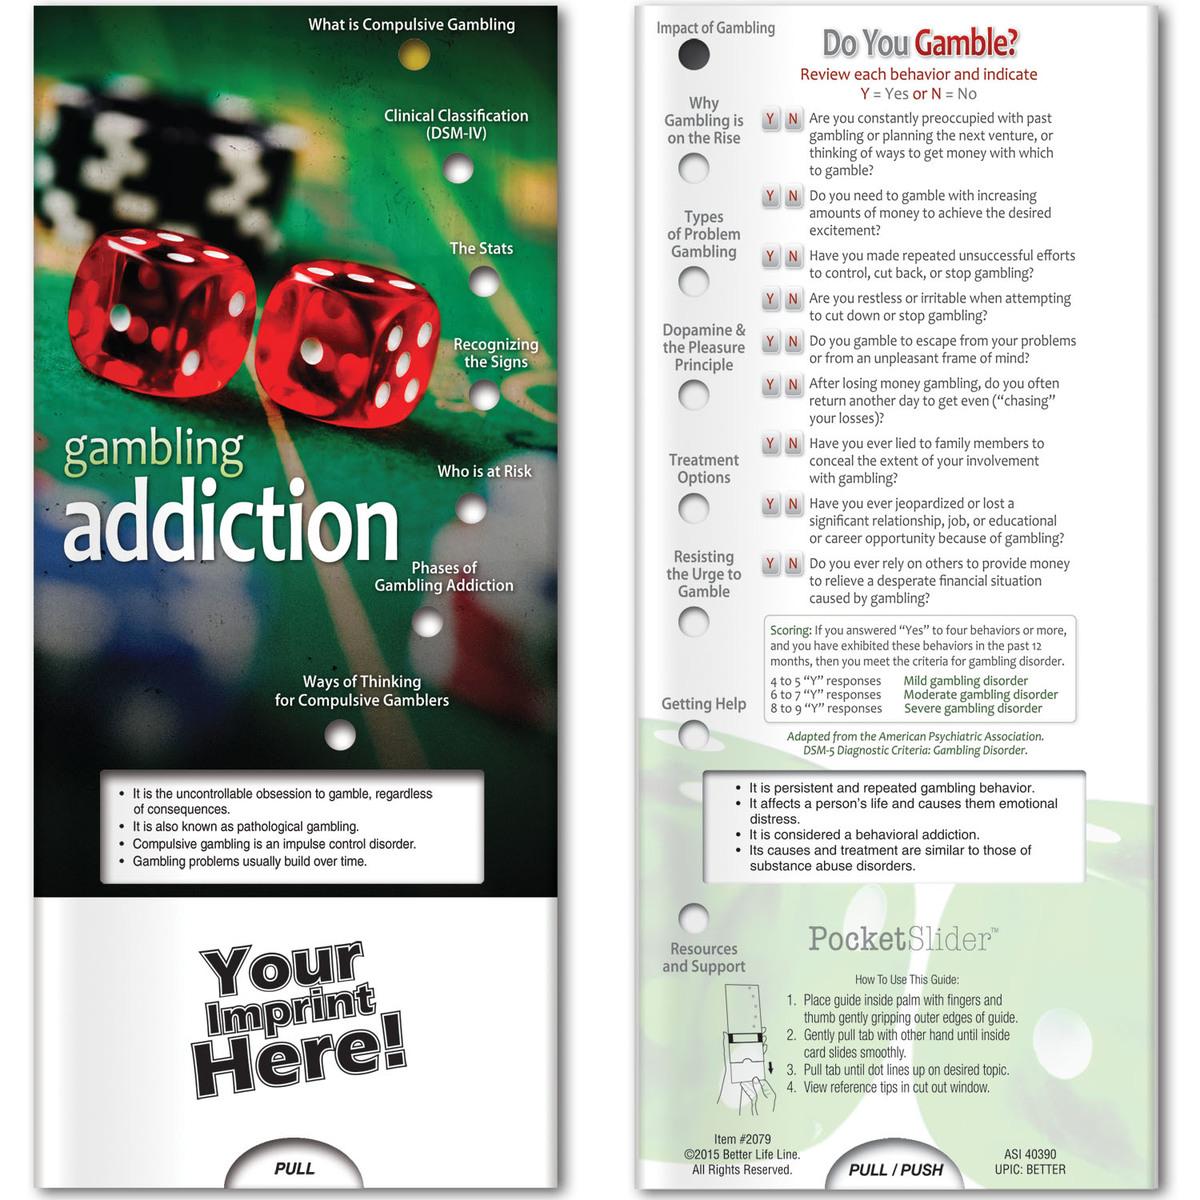 Pocket Slider - Gambling Addiction